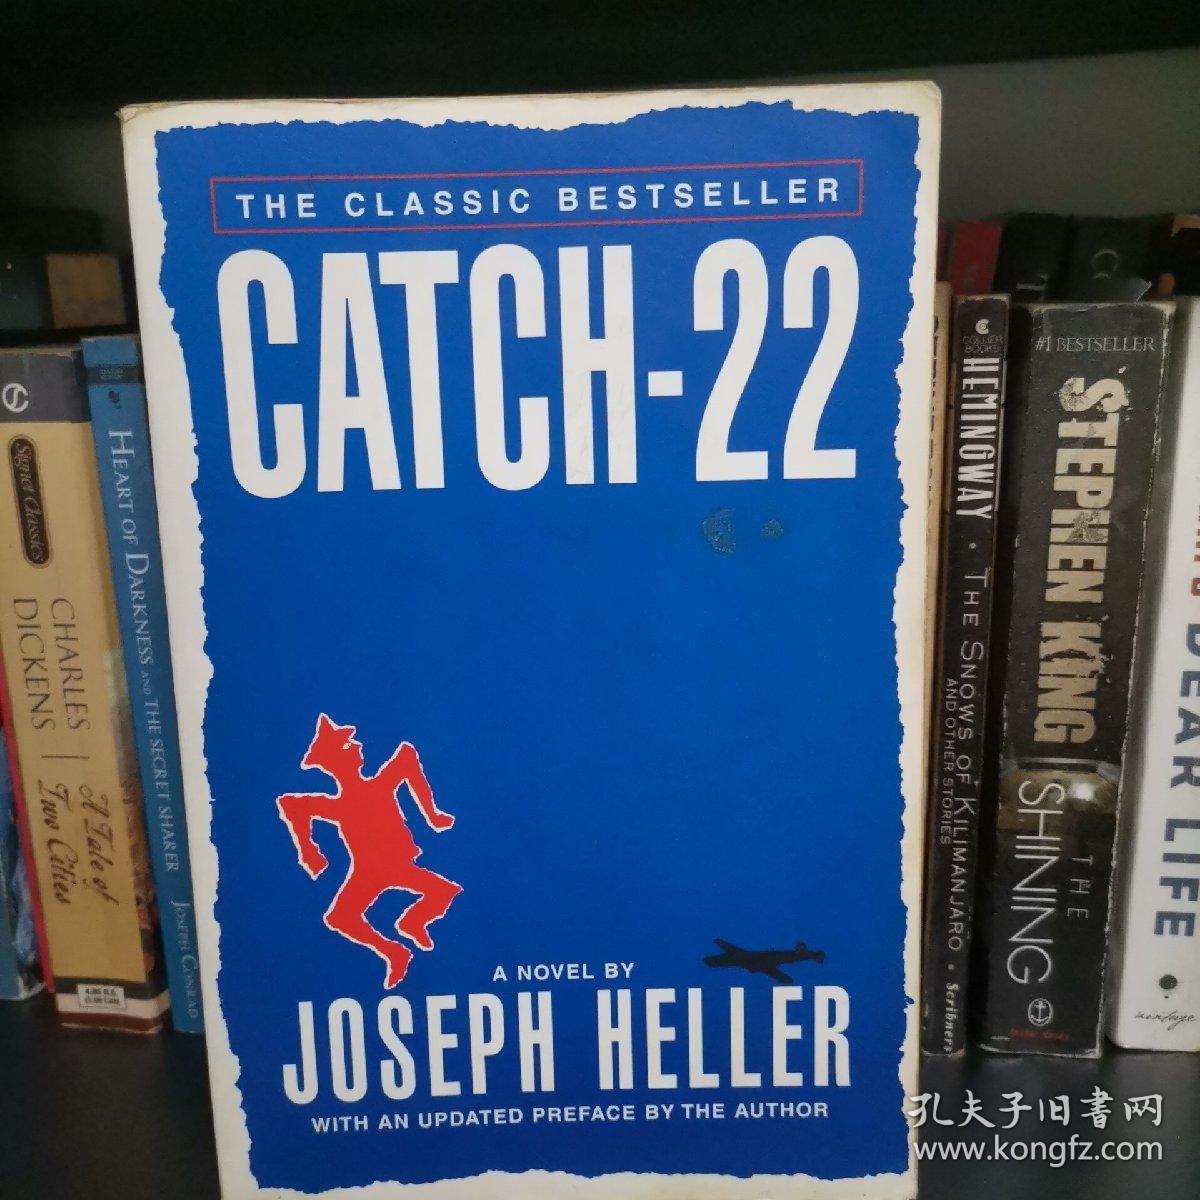 Catch-22 Joseph Heller 第二十二条军规 英文原版